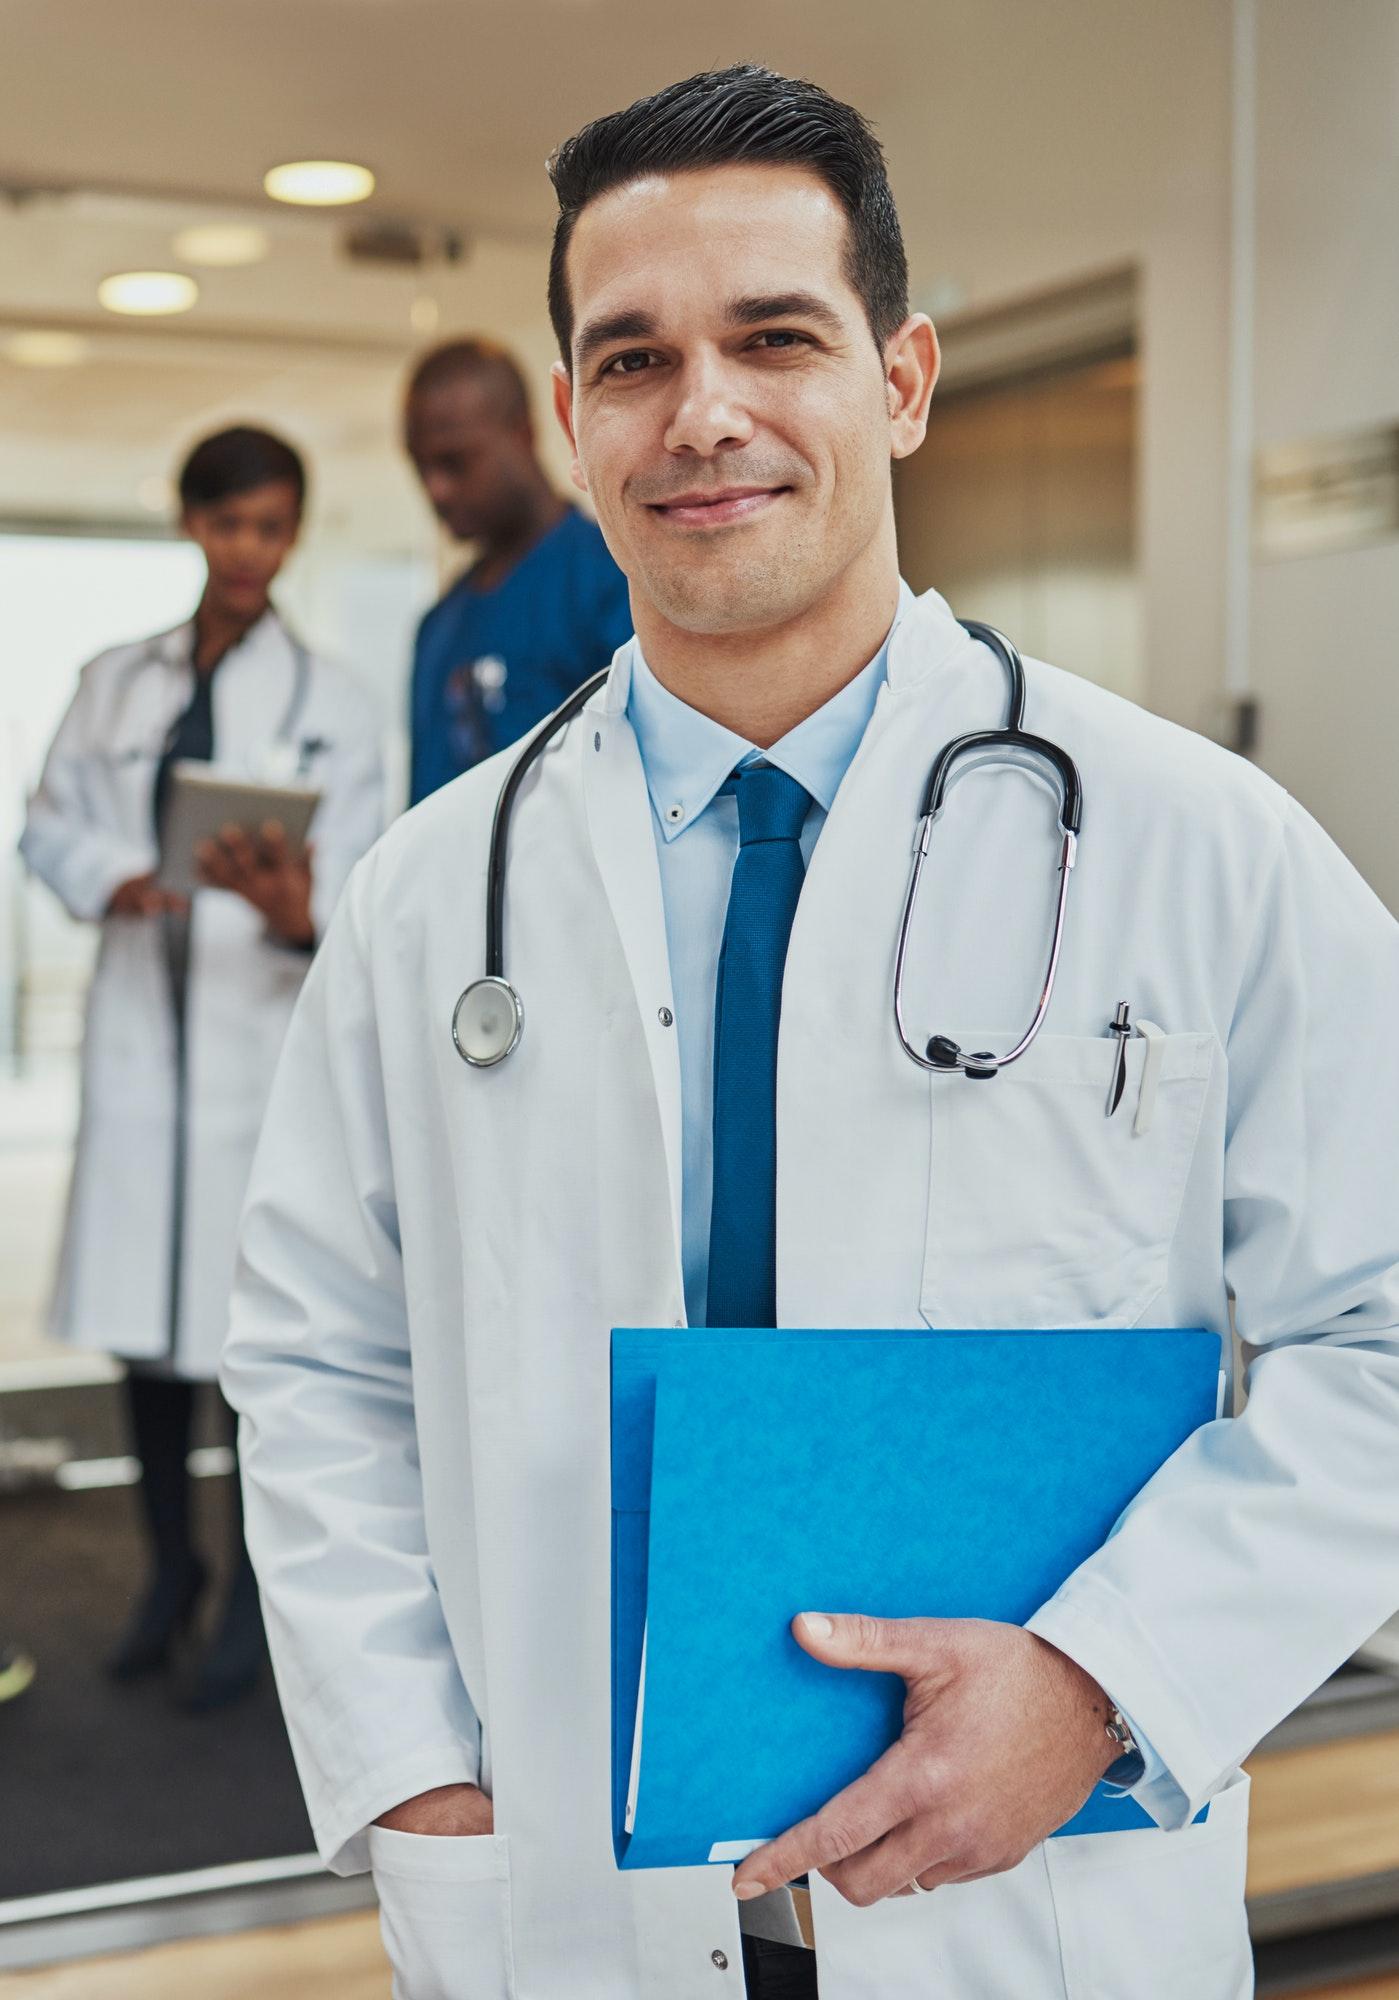 mobile medical equipment, laser services, laser rental, medical laser leasing, laser rental companies